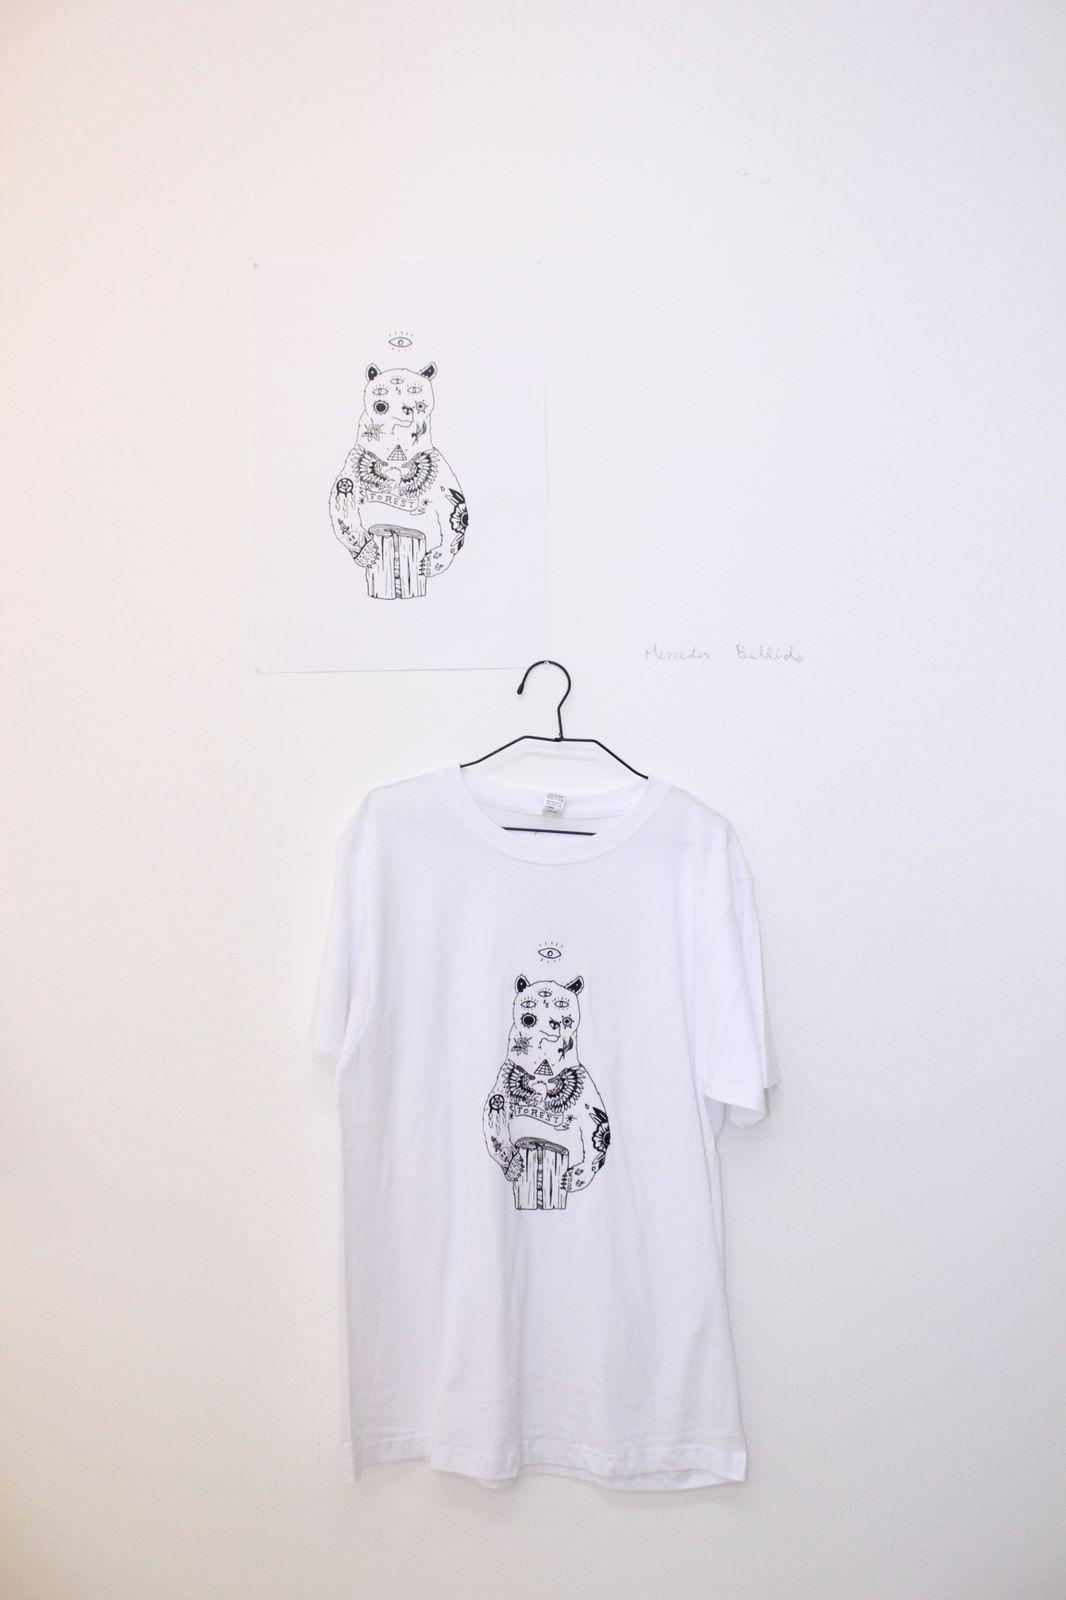 """[Description]  Exposition des visuels lauréats du concours PI-POINT 2012 du 27/04 au 05/05.  Le collectif espagnol PI-PA (PisoPasillo) en collaboration avec POINT8 a organisé un concours de visuels pour la création de T-shirts dont la vente permettra de financer le festival """"EX–TENDIDO"""" premier festival d'artistes émergents de la ville de Cuenca, by PisoPasillo (http://pisopasillo.wordpress.com/).  Venez découvrir la série limitée de T-shirts PI-POINT dès le soir de l'inauguration et repartez avec une création originale d'un des artistes sélectionnés !"""